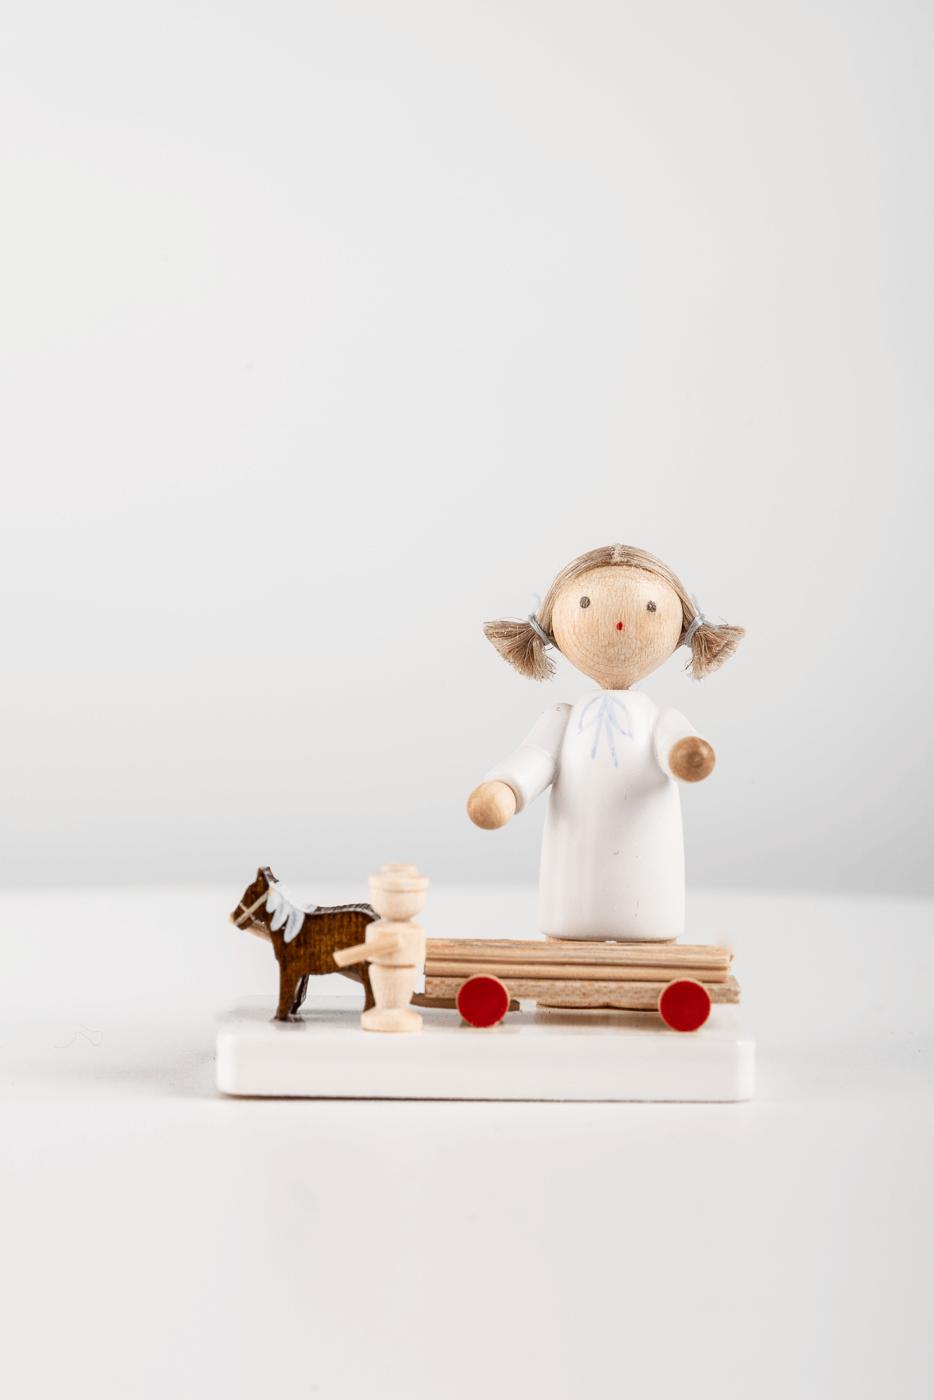 Engel mit Pferdegespann